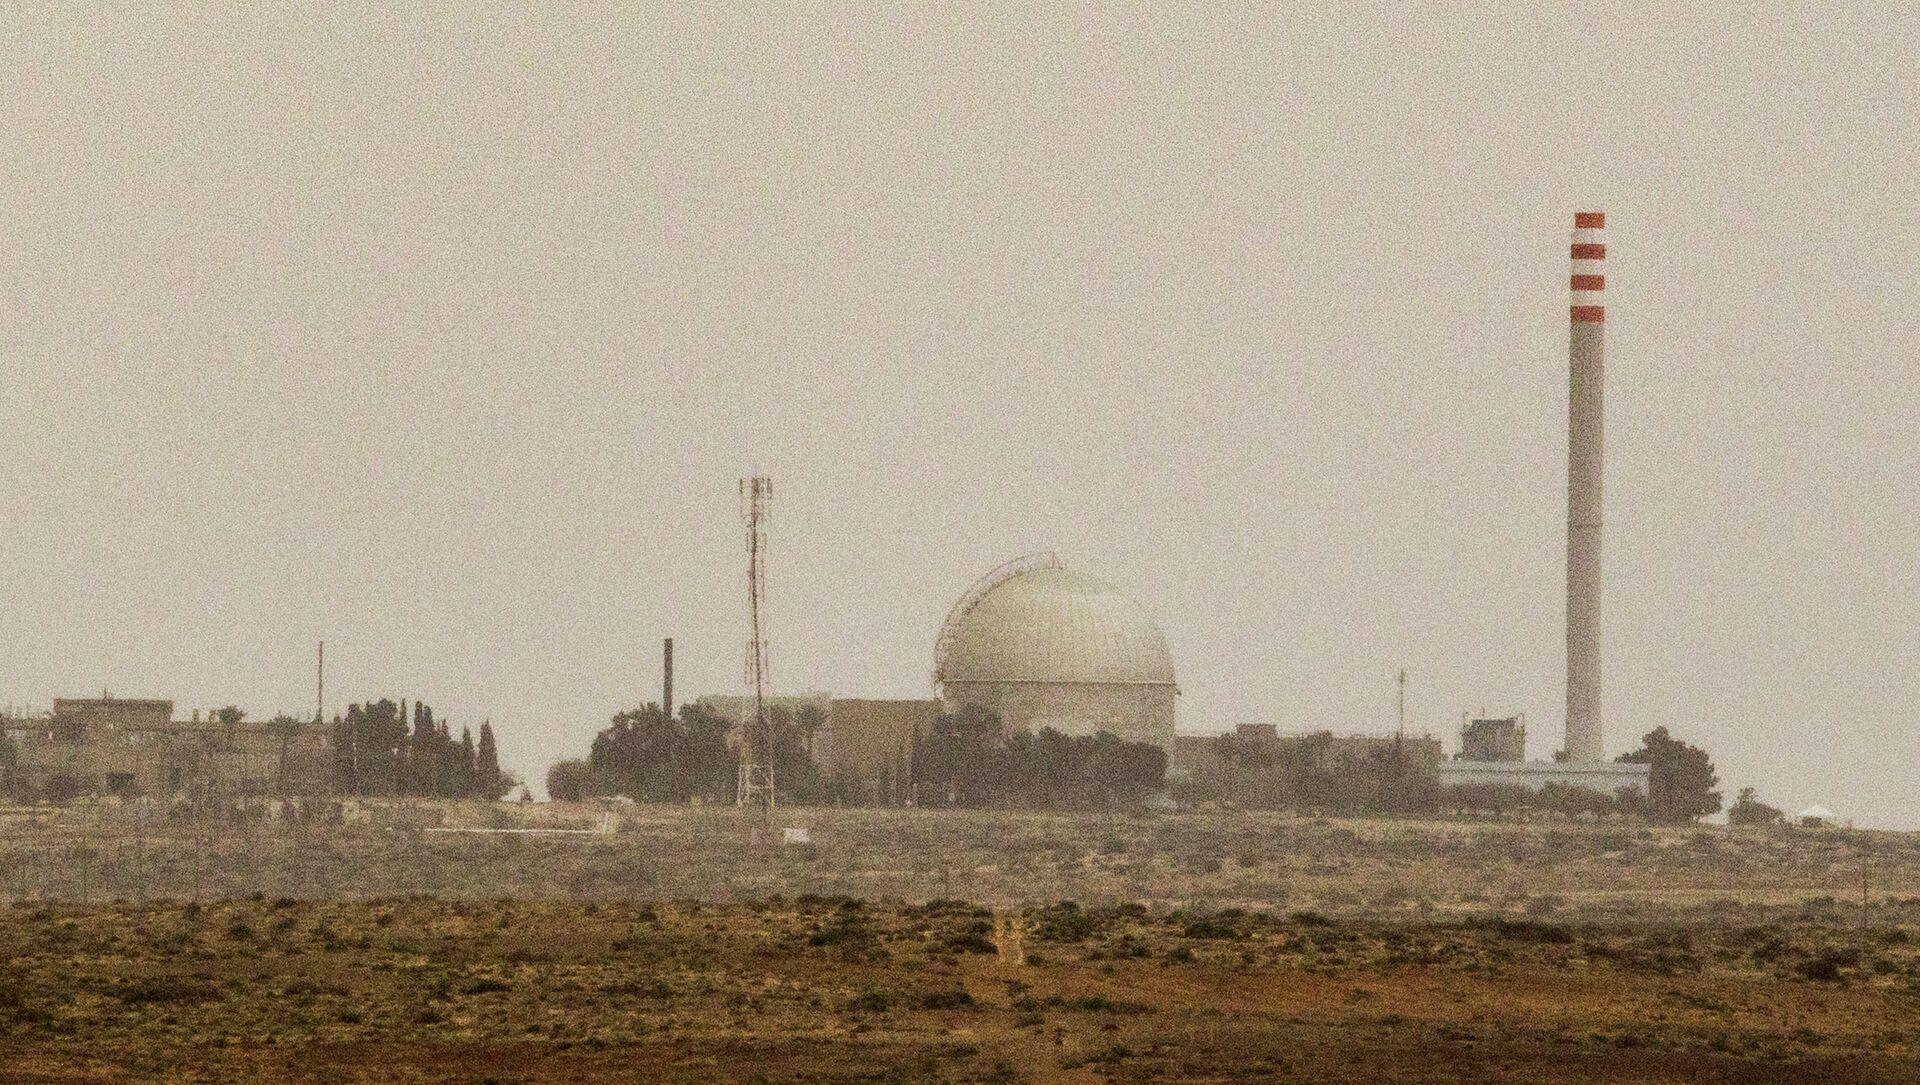 L'impianto nucleare di DImona, deserto del Negev, Sud di Israele, 8 marzo 2014 - Sputnik Italia, 1920, 22.04.2021